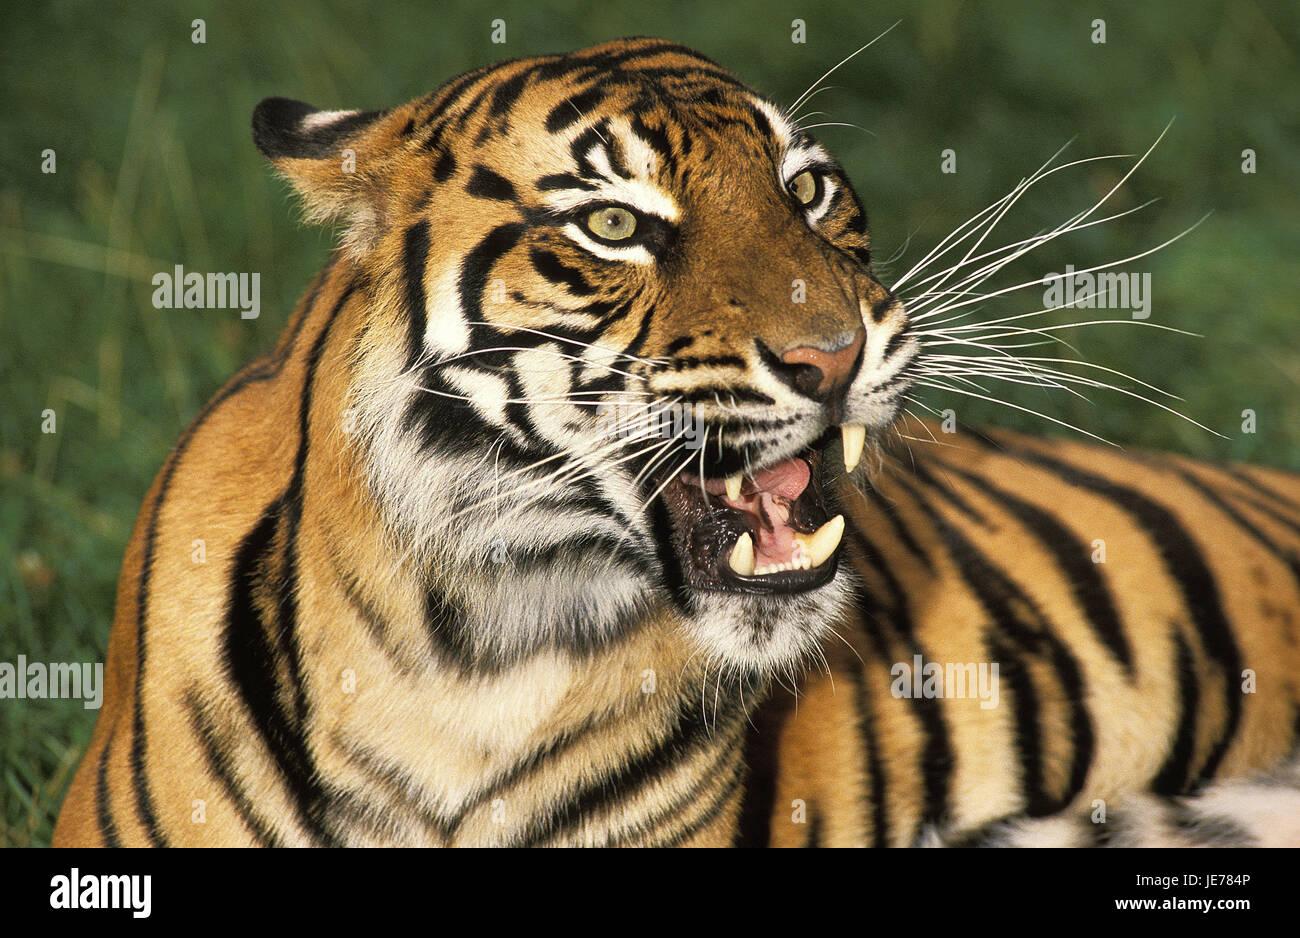 Sumatra tiger, Panthera tigris sumatrae, adult animal, portrait, - Stock Image